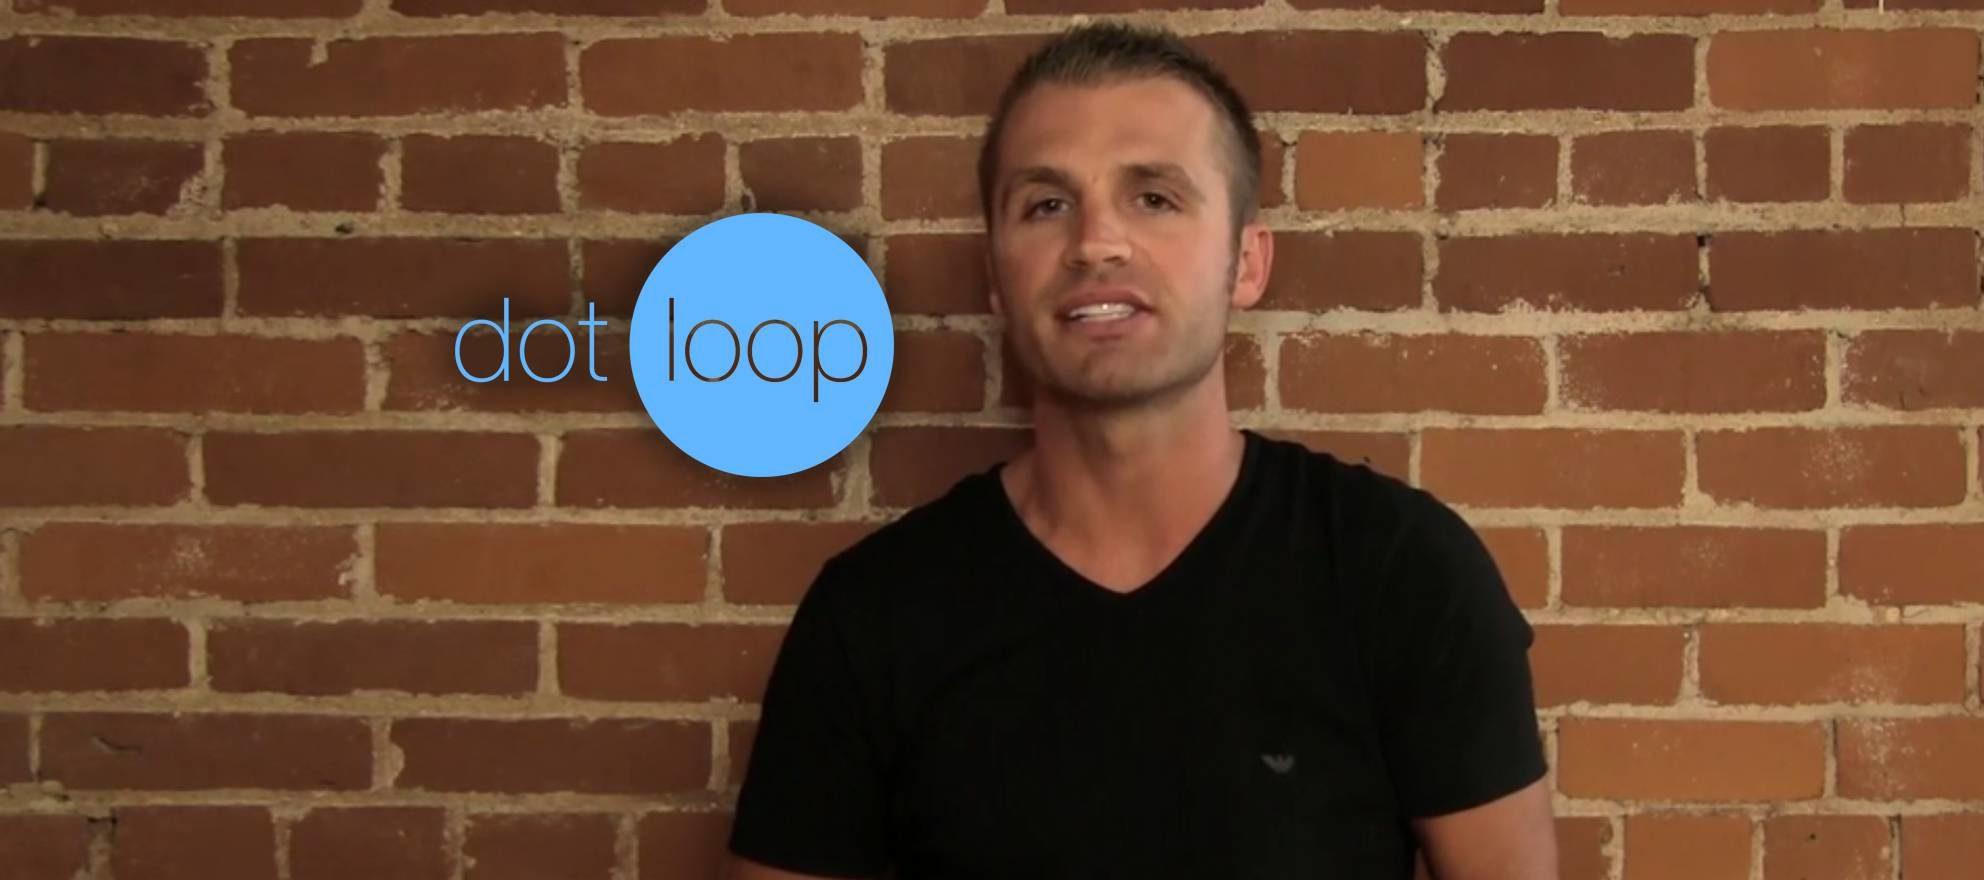 Dotloop defends acquisition